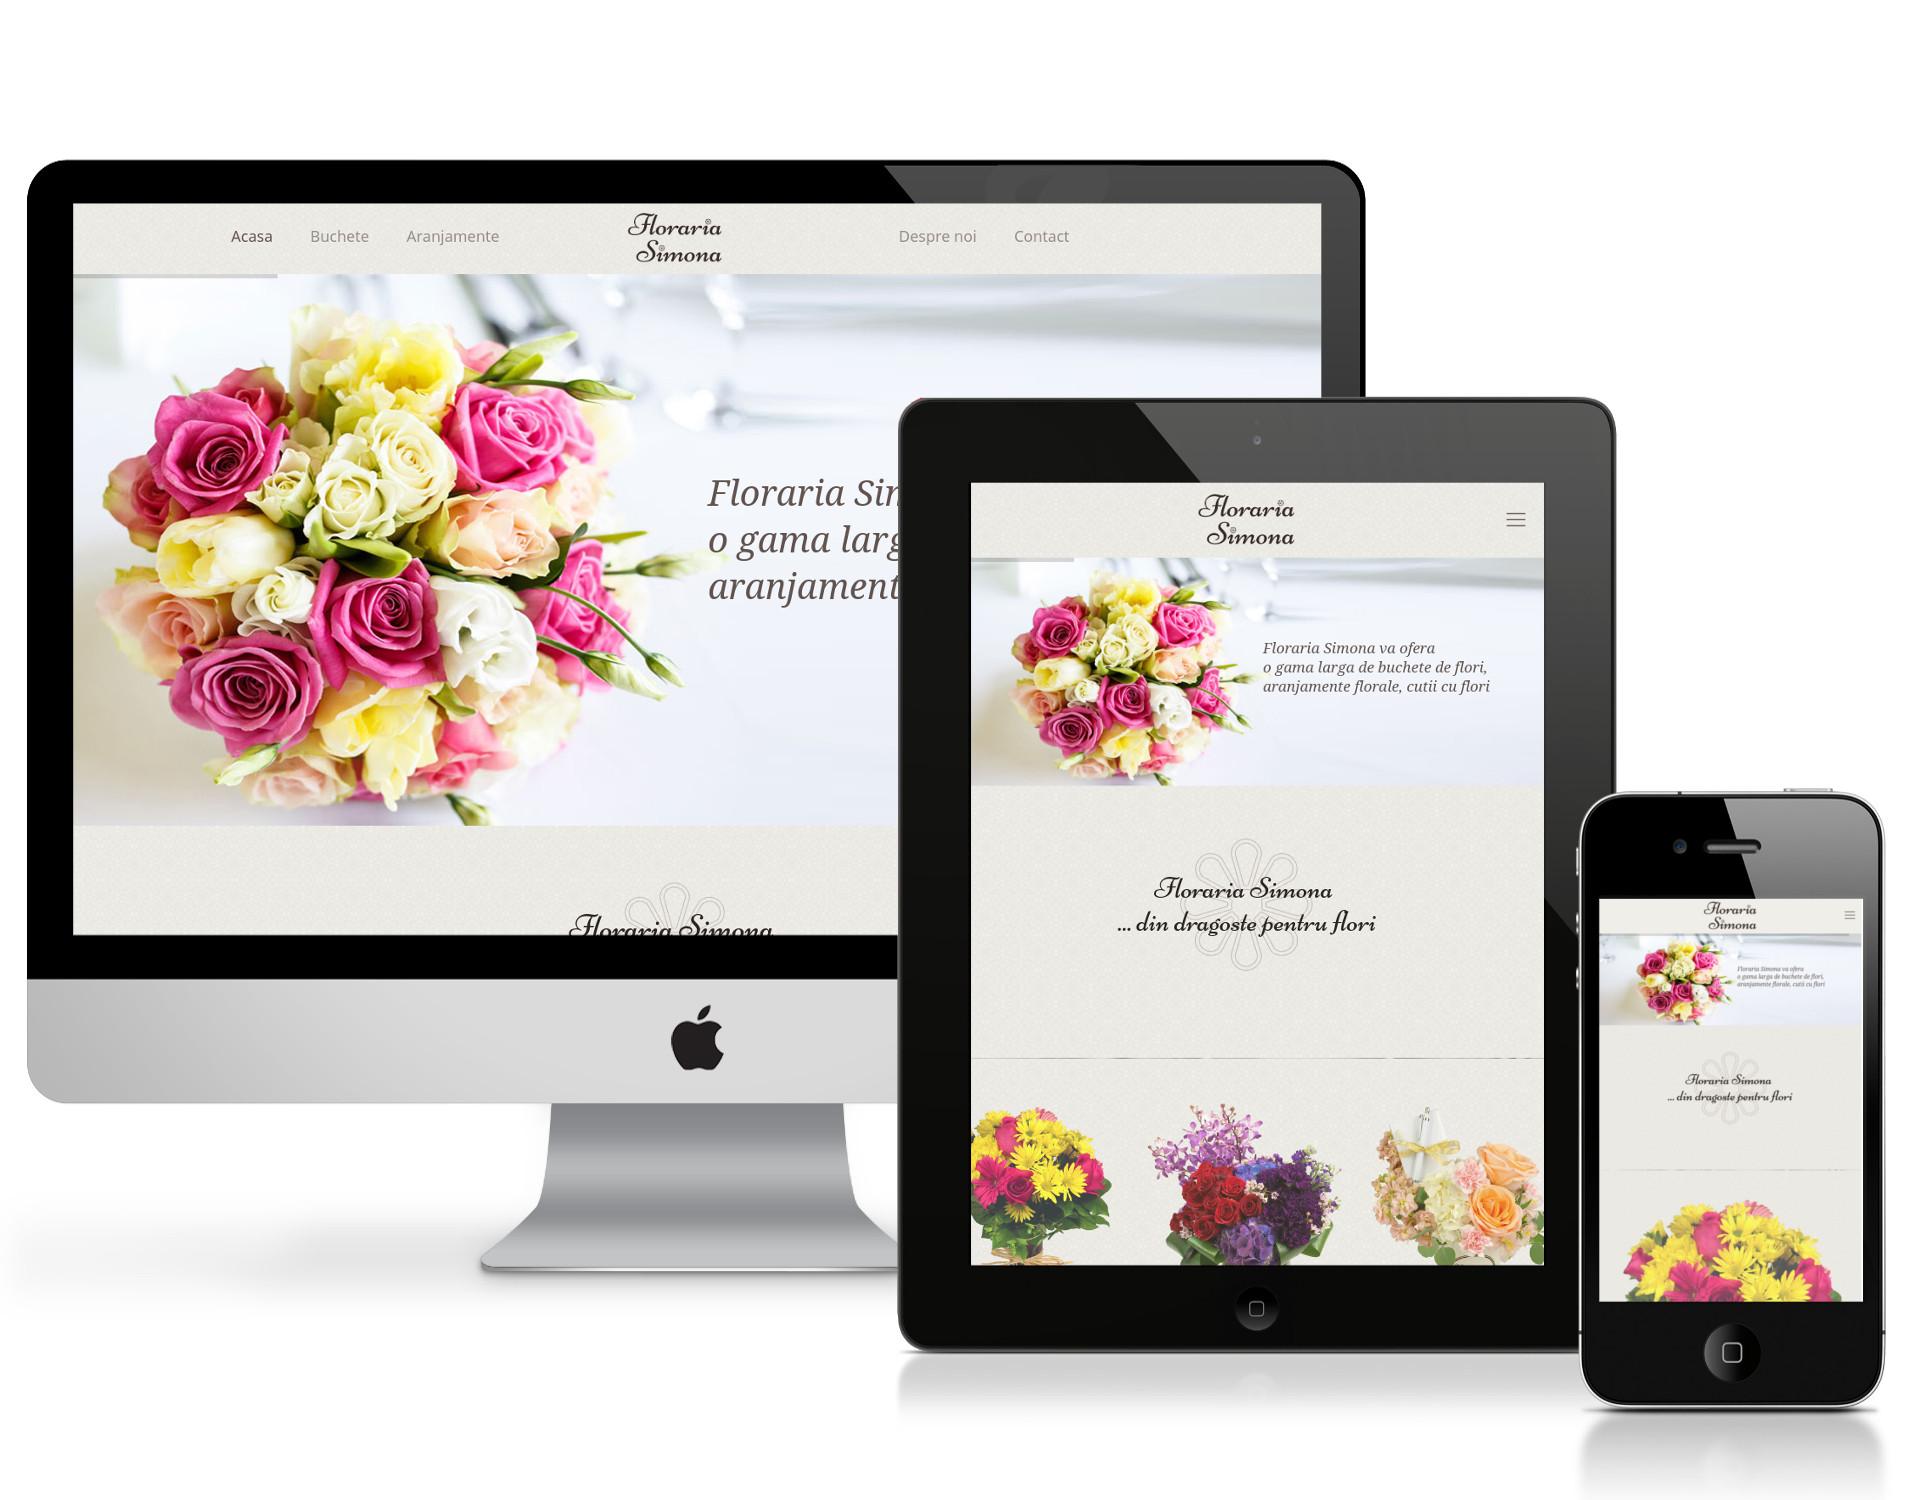 floraria simona